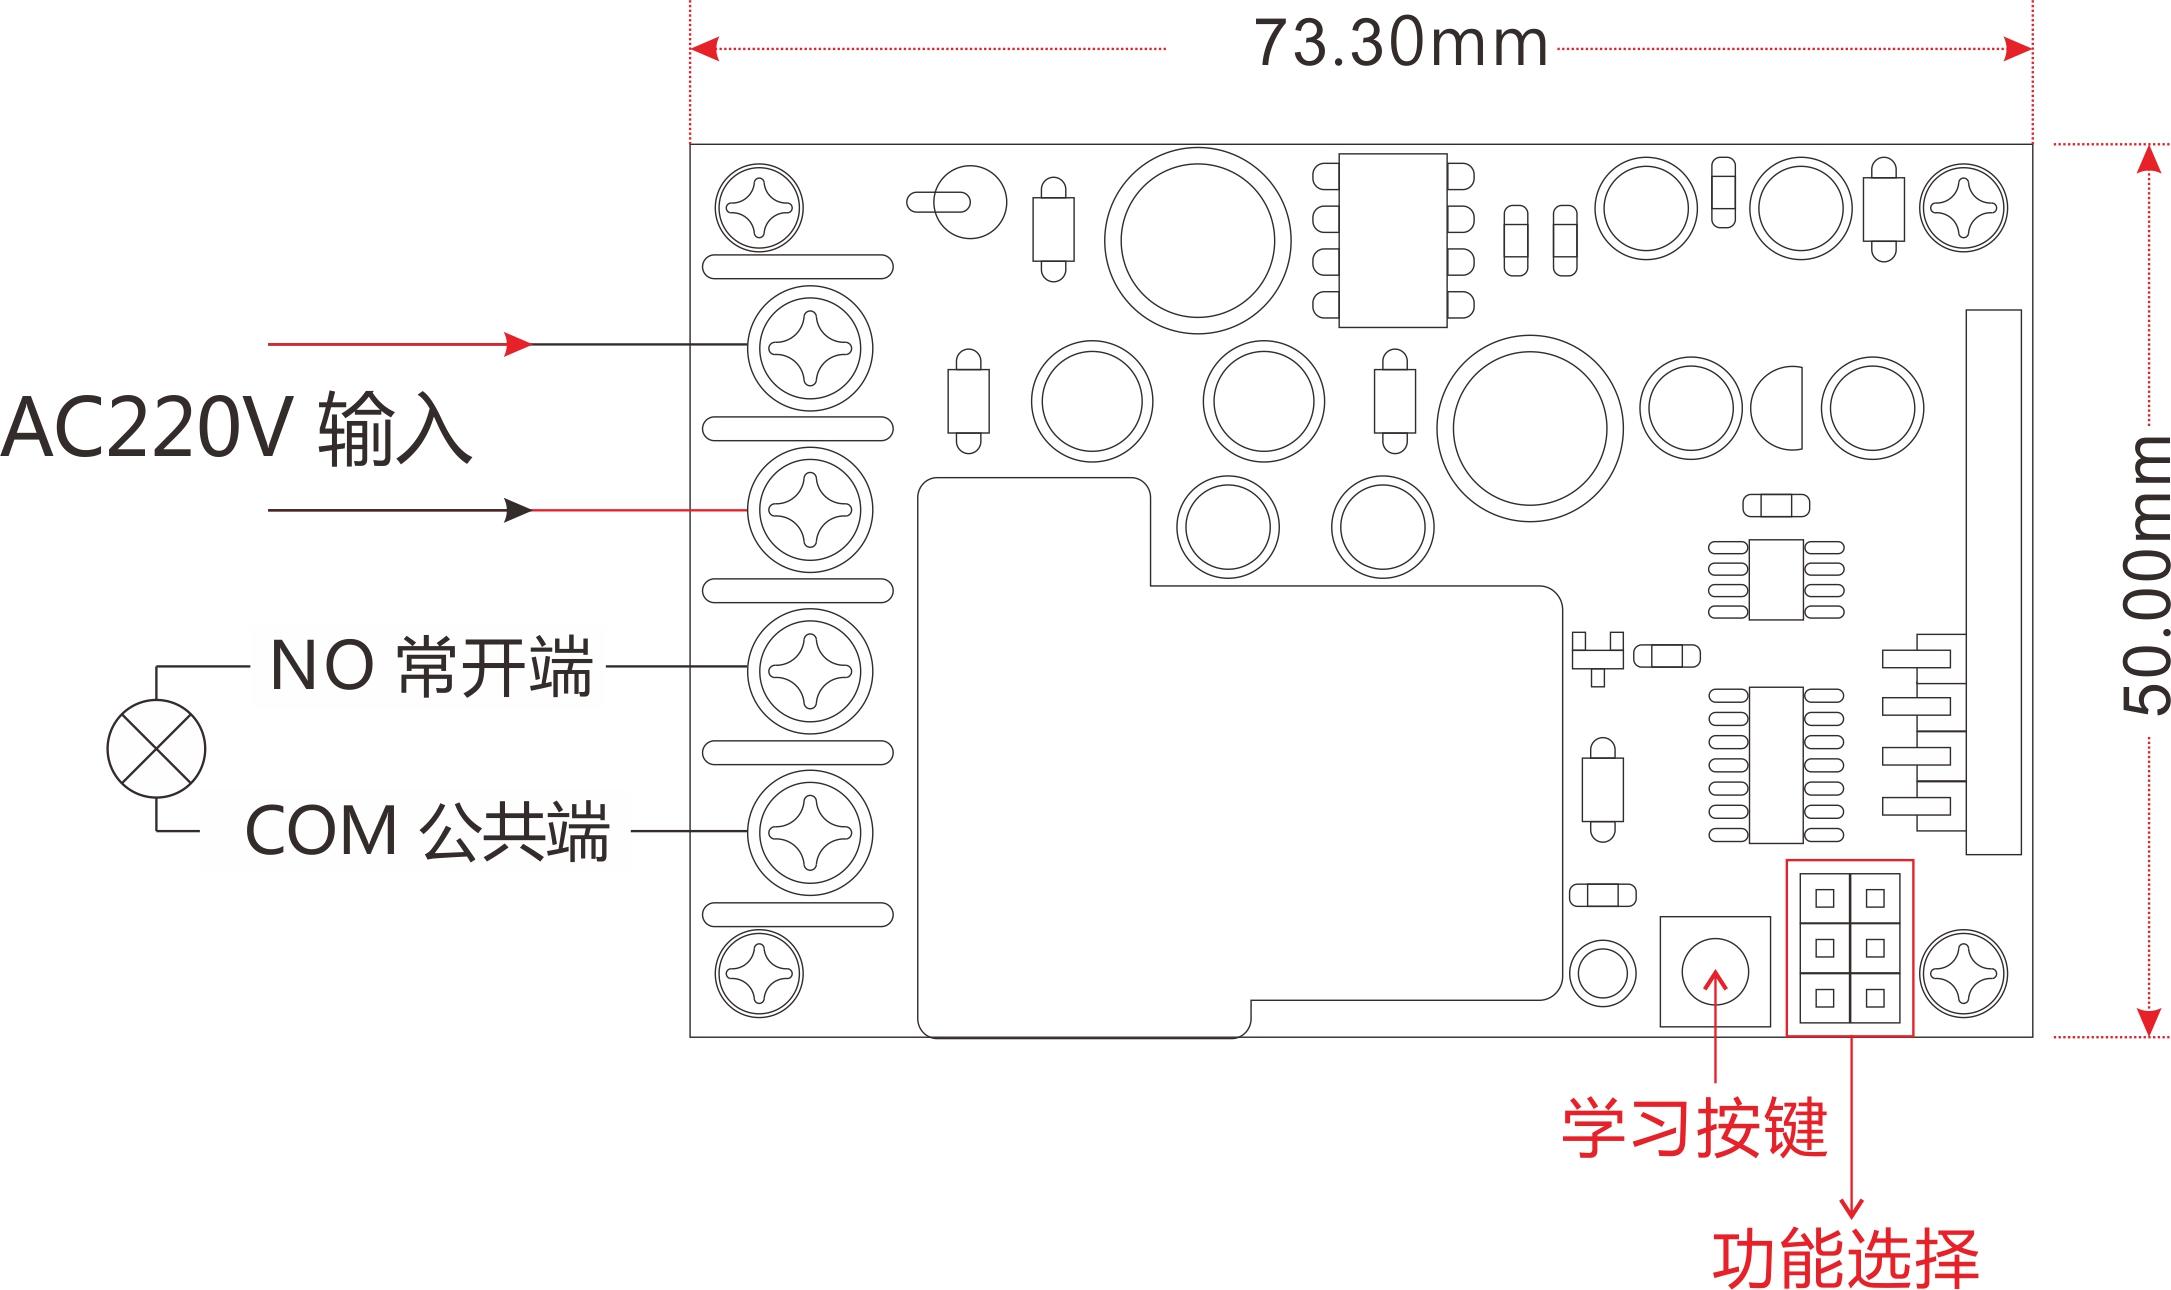 五、ZY36-15技術參數: 1.工作電壓:12V 2.工作電流:30-40mA; 3.工作頻率:315MHz、433MHz(可選) 4.發射功率:>35mW 5.發射距離:1000m(空曠) 6.頻率偏差:±75MHz 7.編碼晶片:PT2262(固定碼) EV1527(學習碼) 8.震盪電阻:4.7M 330K 9.按鍵數量:15鍵 10.調製方式:ASK 11.